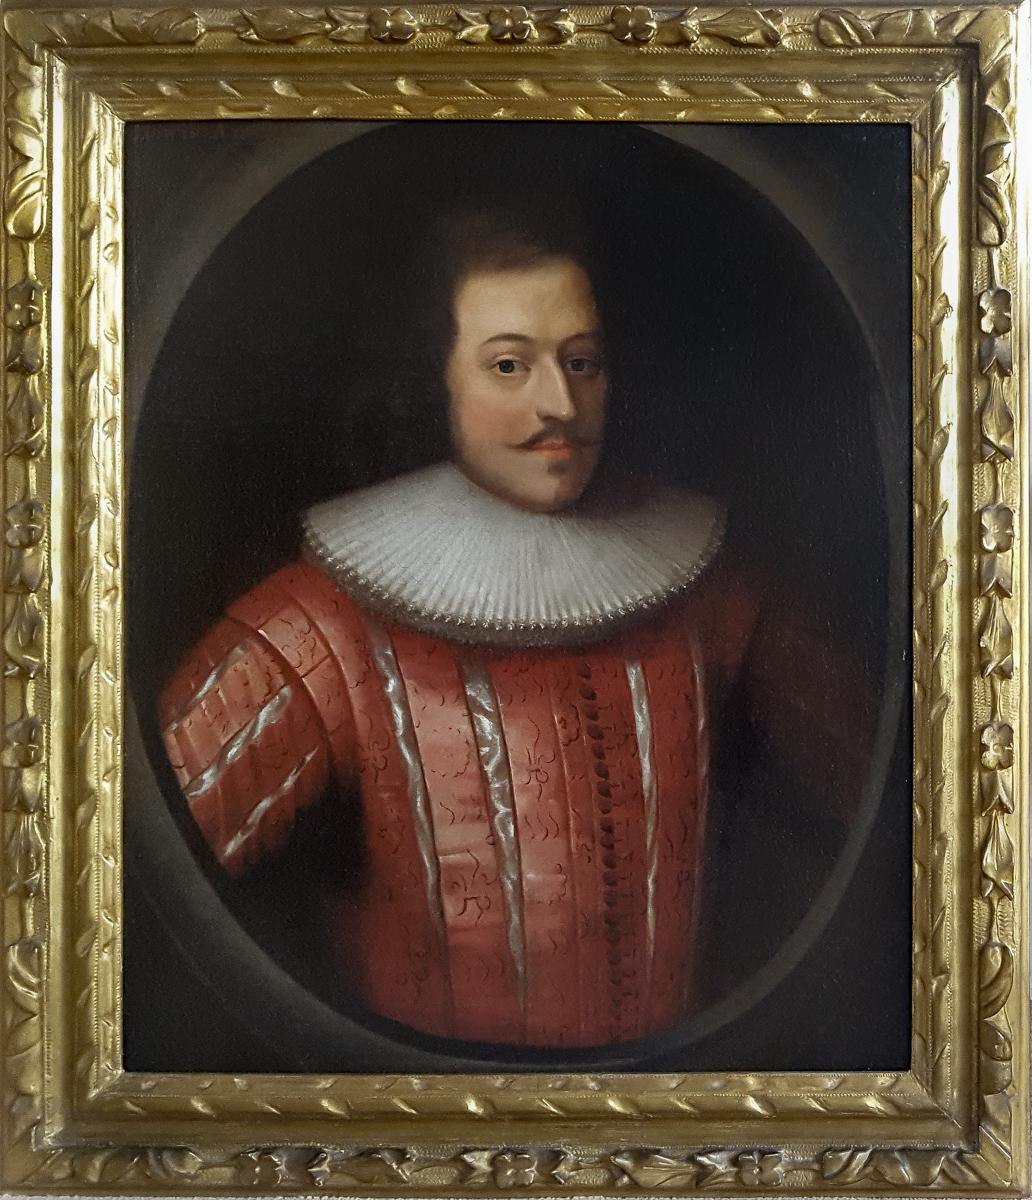 Portrait De Lewis Anwyl (1596-1641 Env.) - XVIIIe Siècle